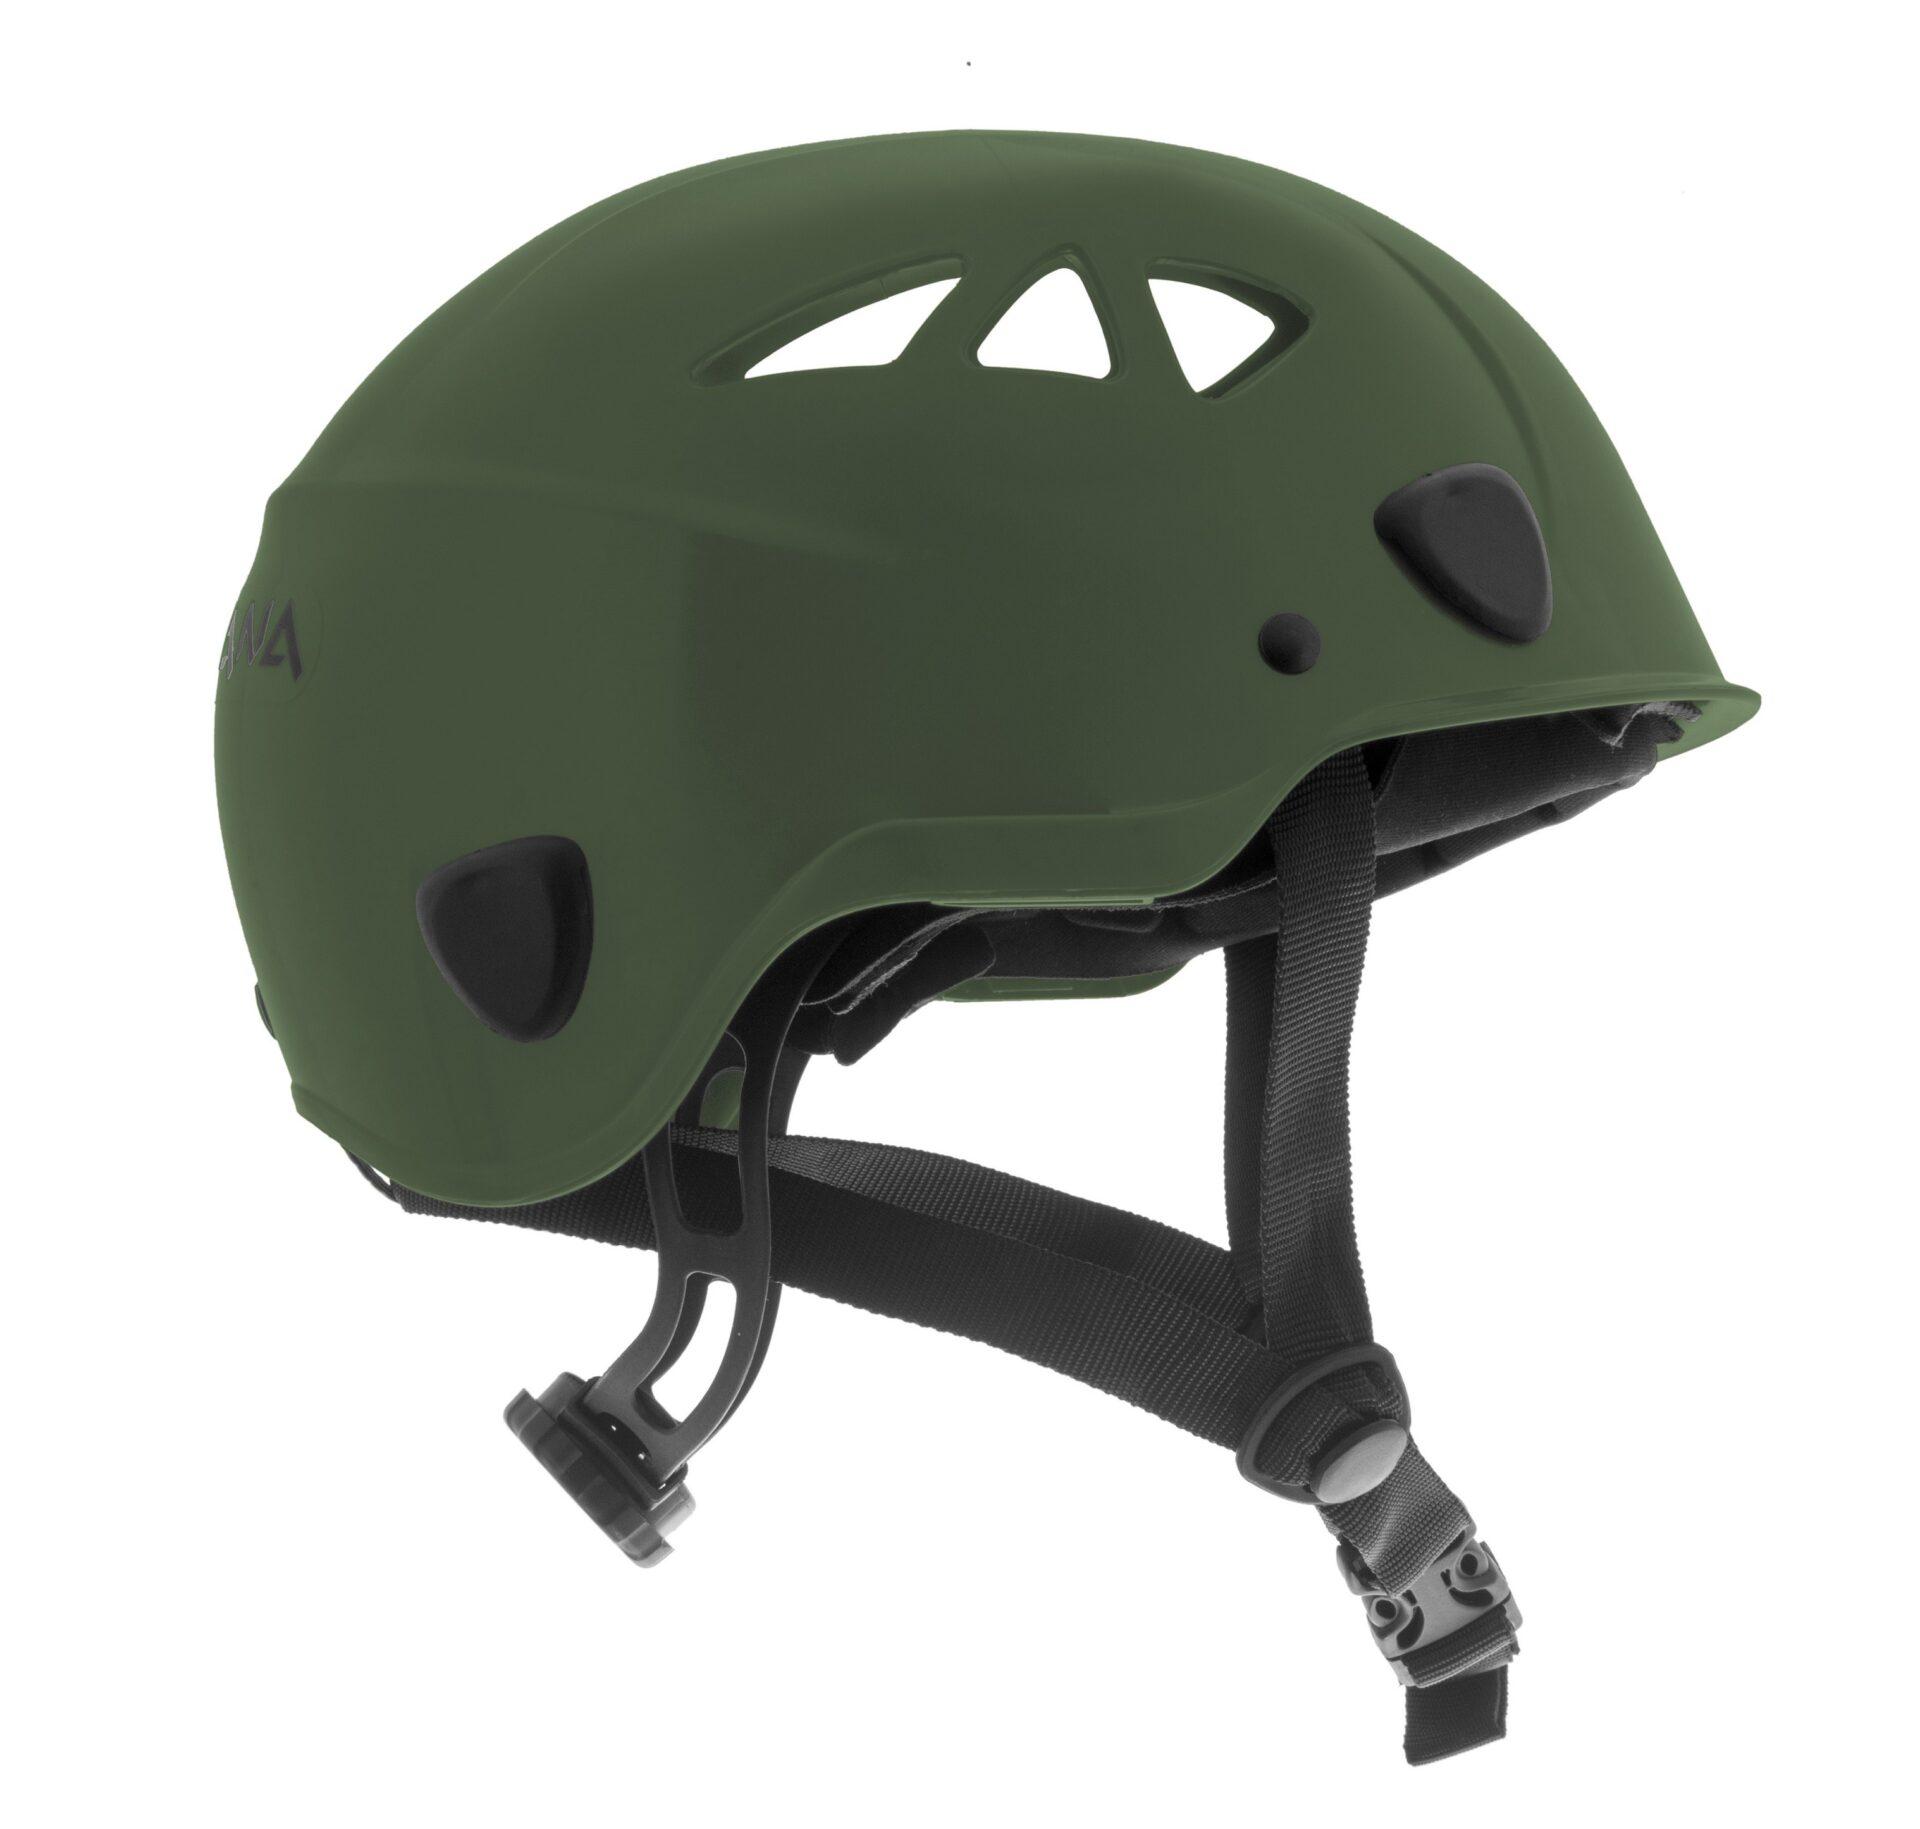 capacete_ares_verde